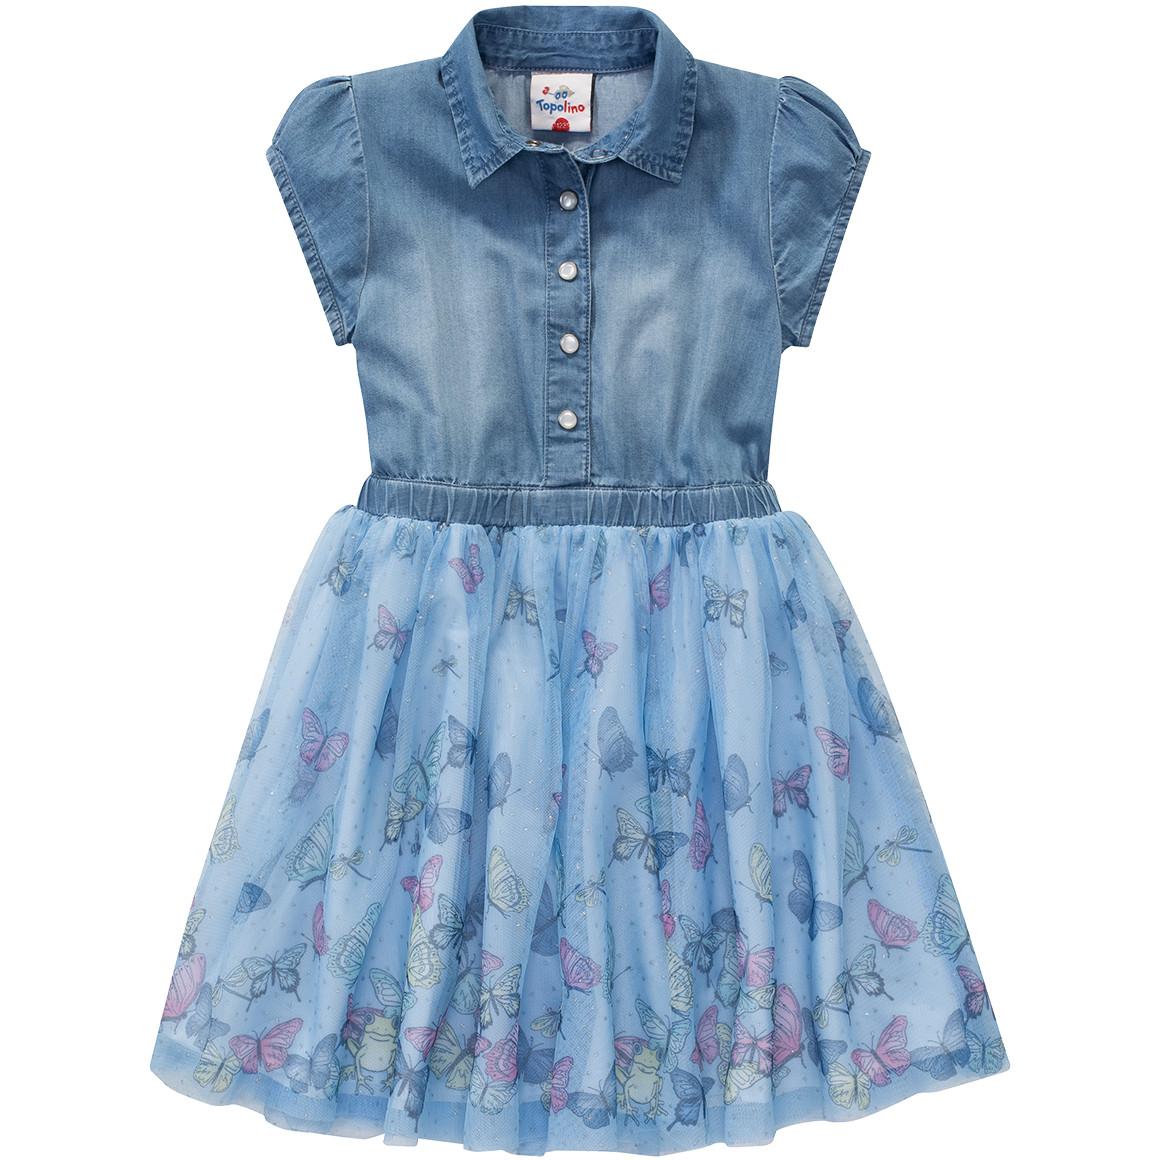 ca1648249352e4 Mädchen Kleid mit Tüll